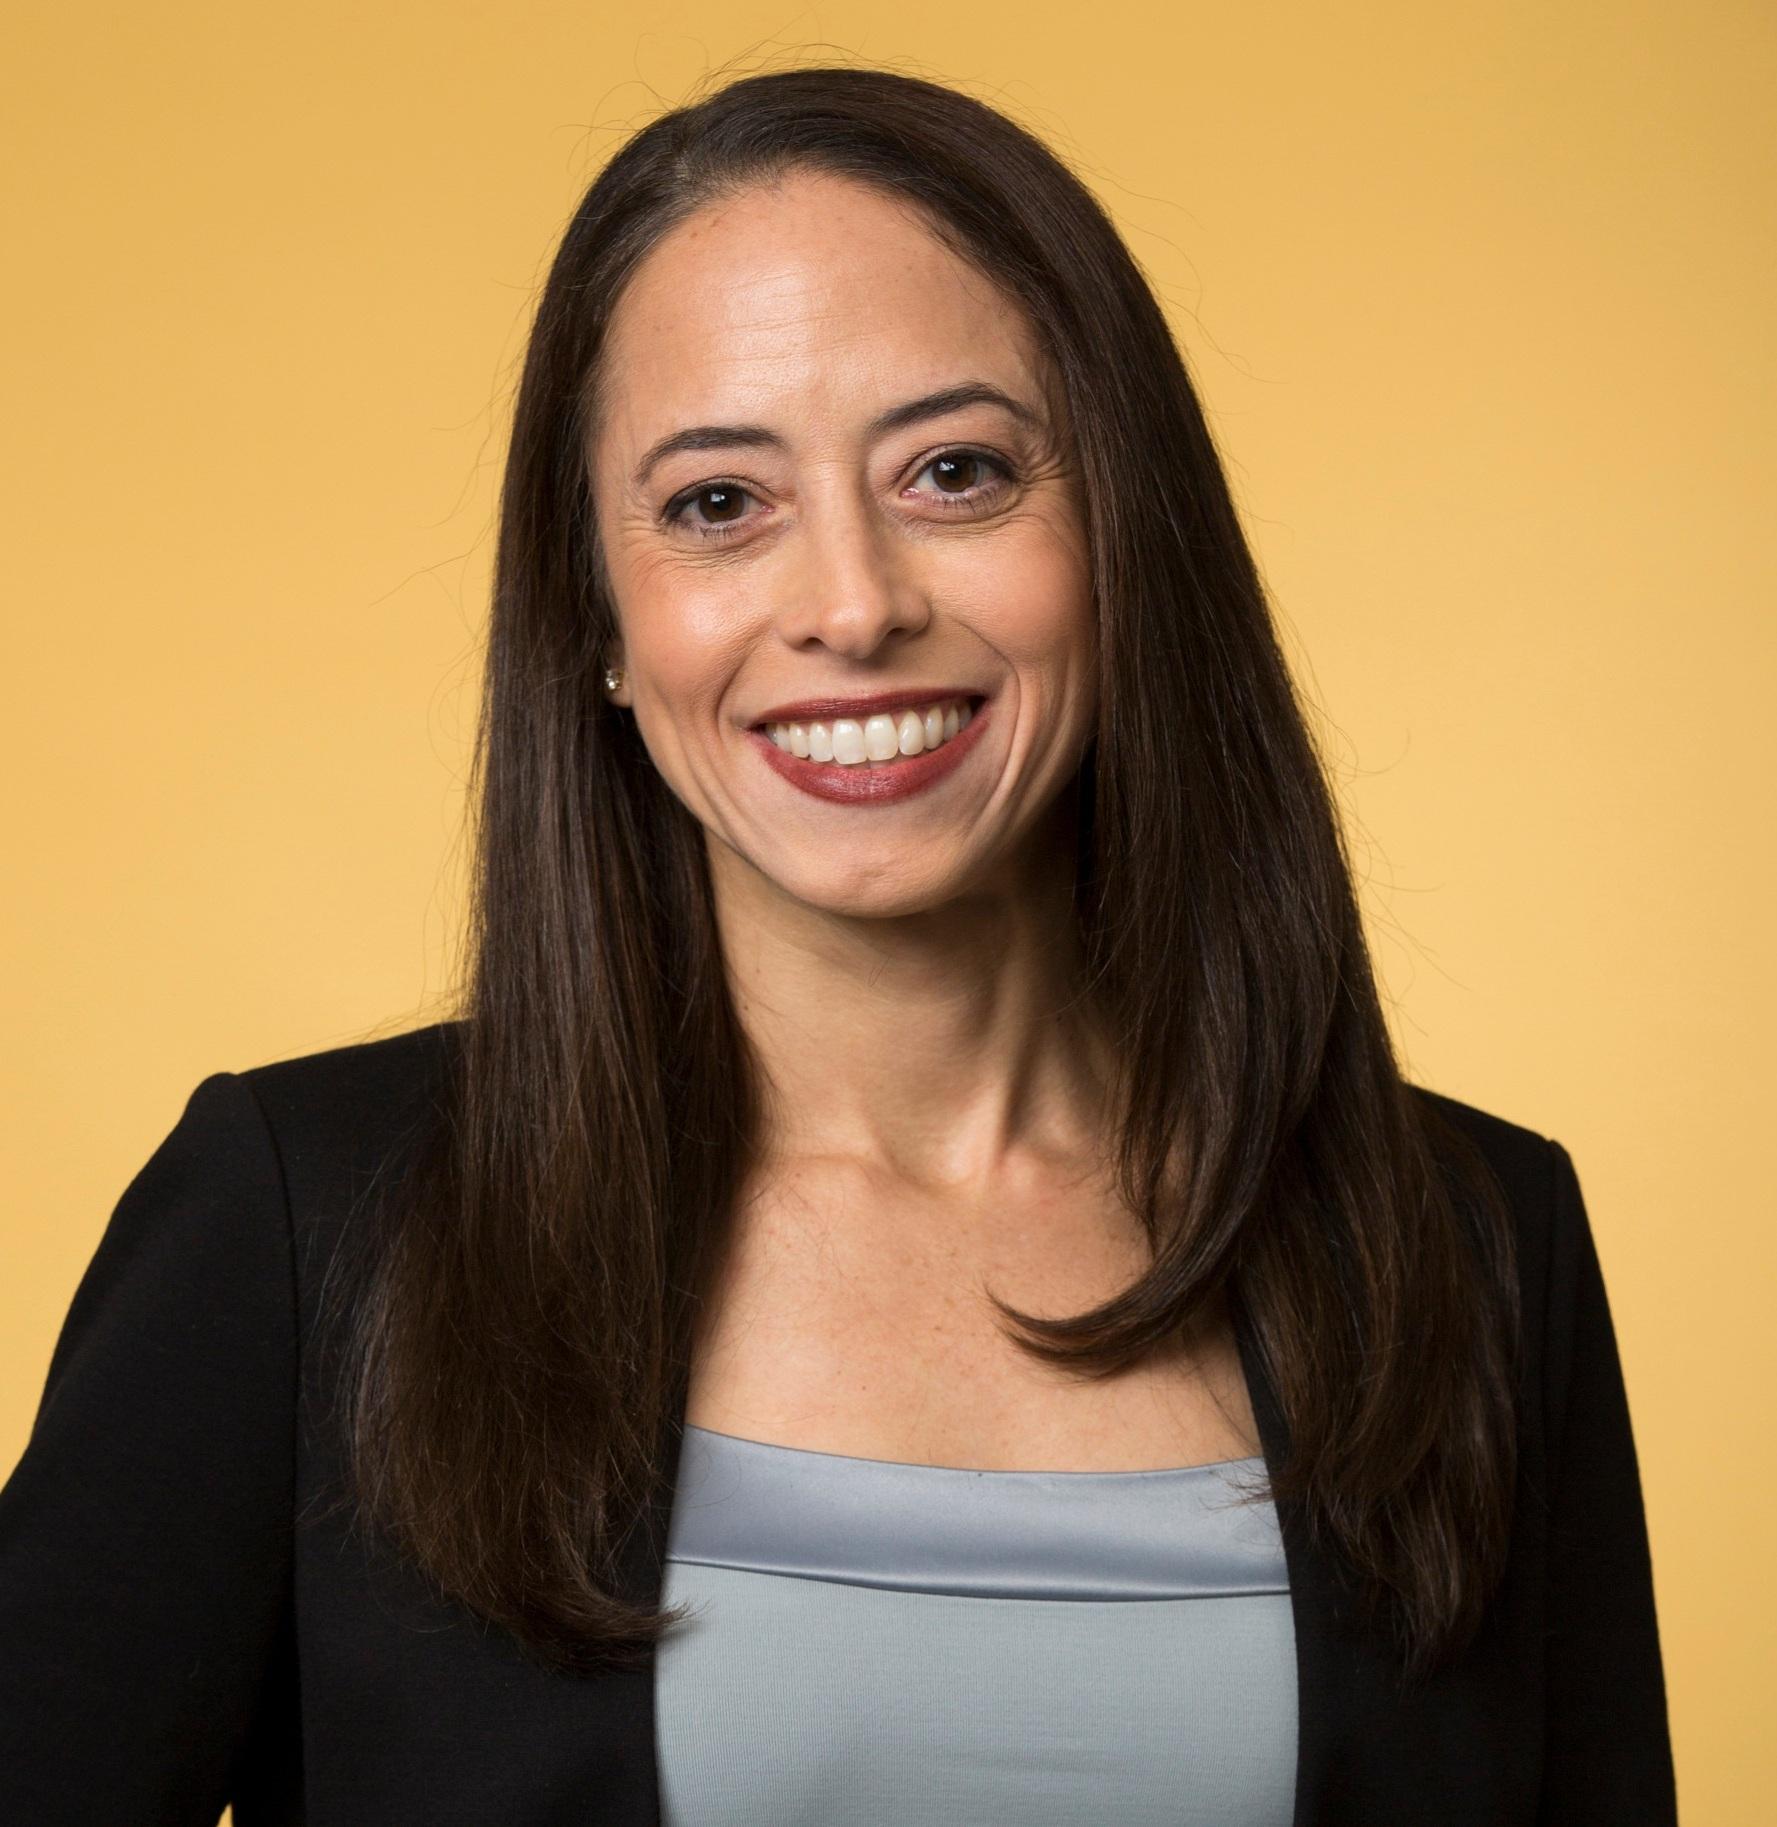 Alexandra Nicola, Advancing Women Executives Accelerator